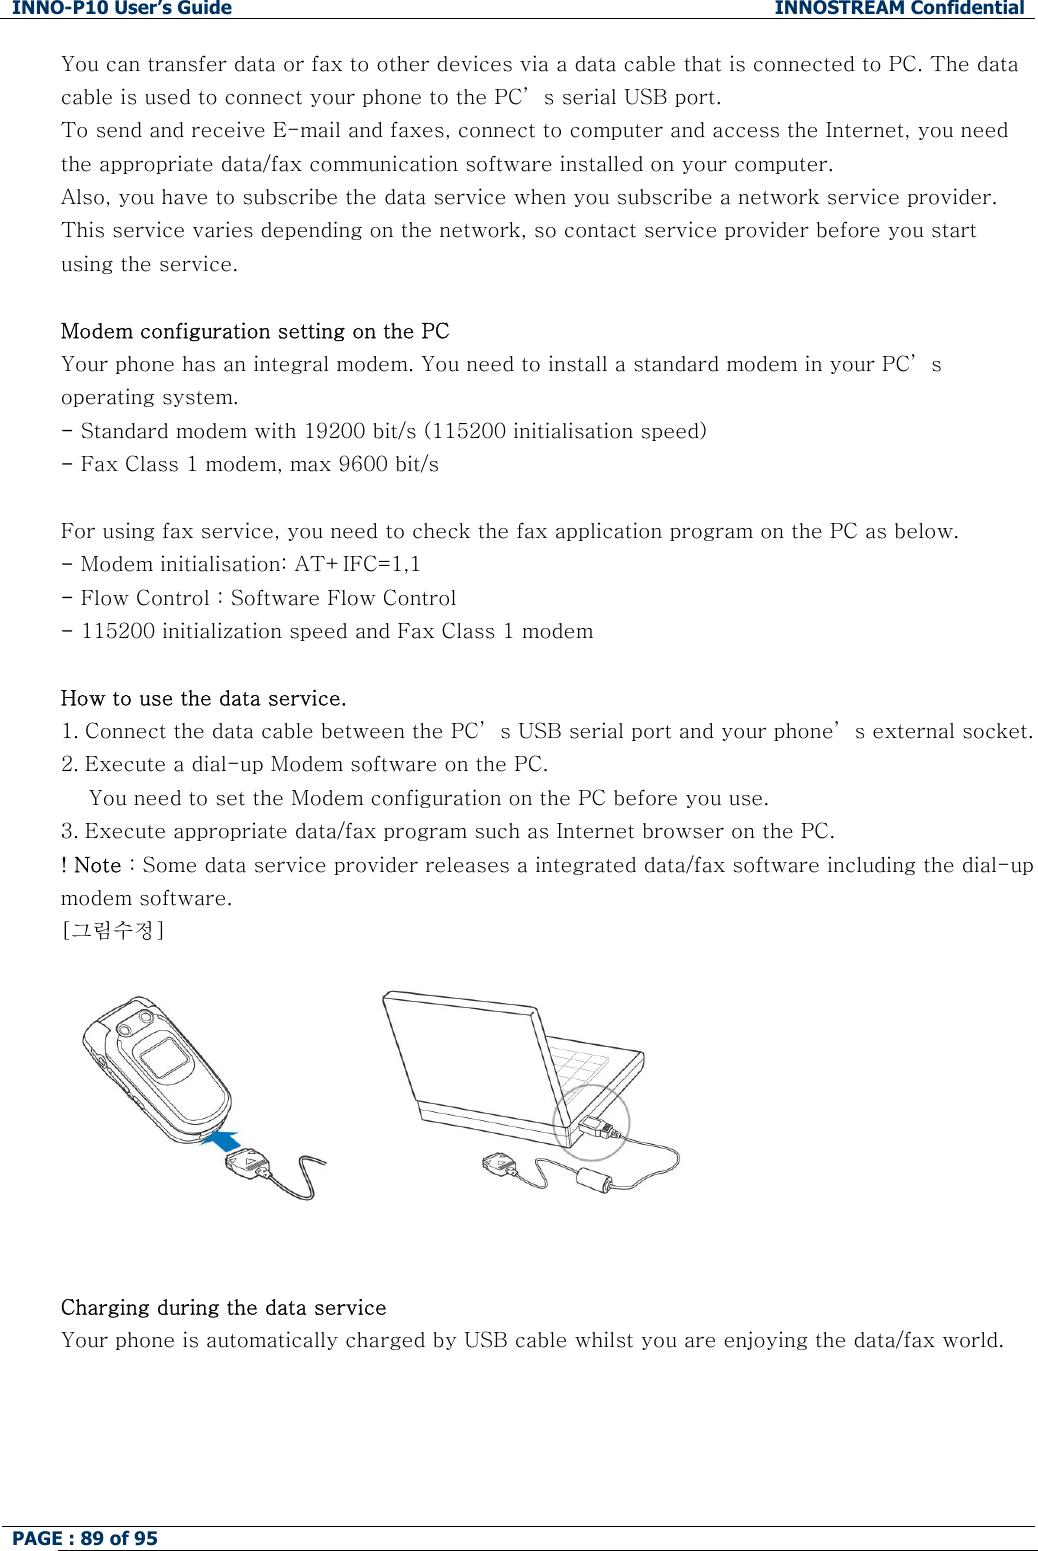 INNOSTREAM INNO-P10 USB TREIBER HERUNTERLADEN